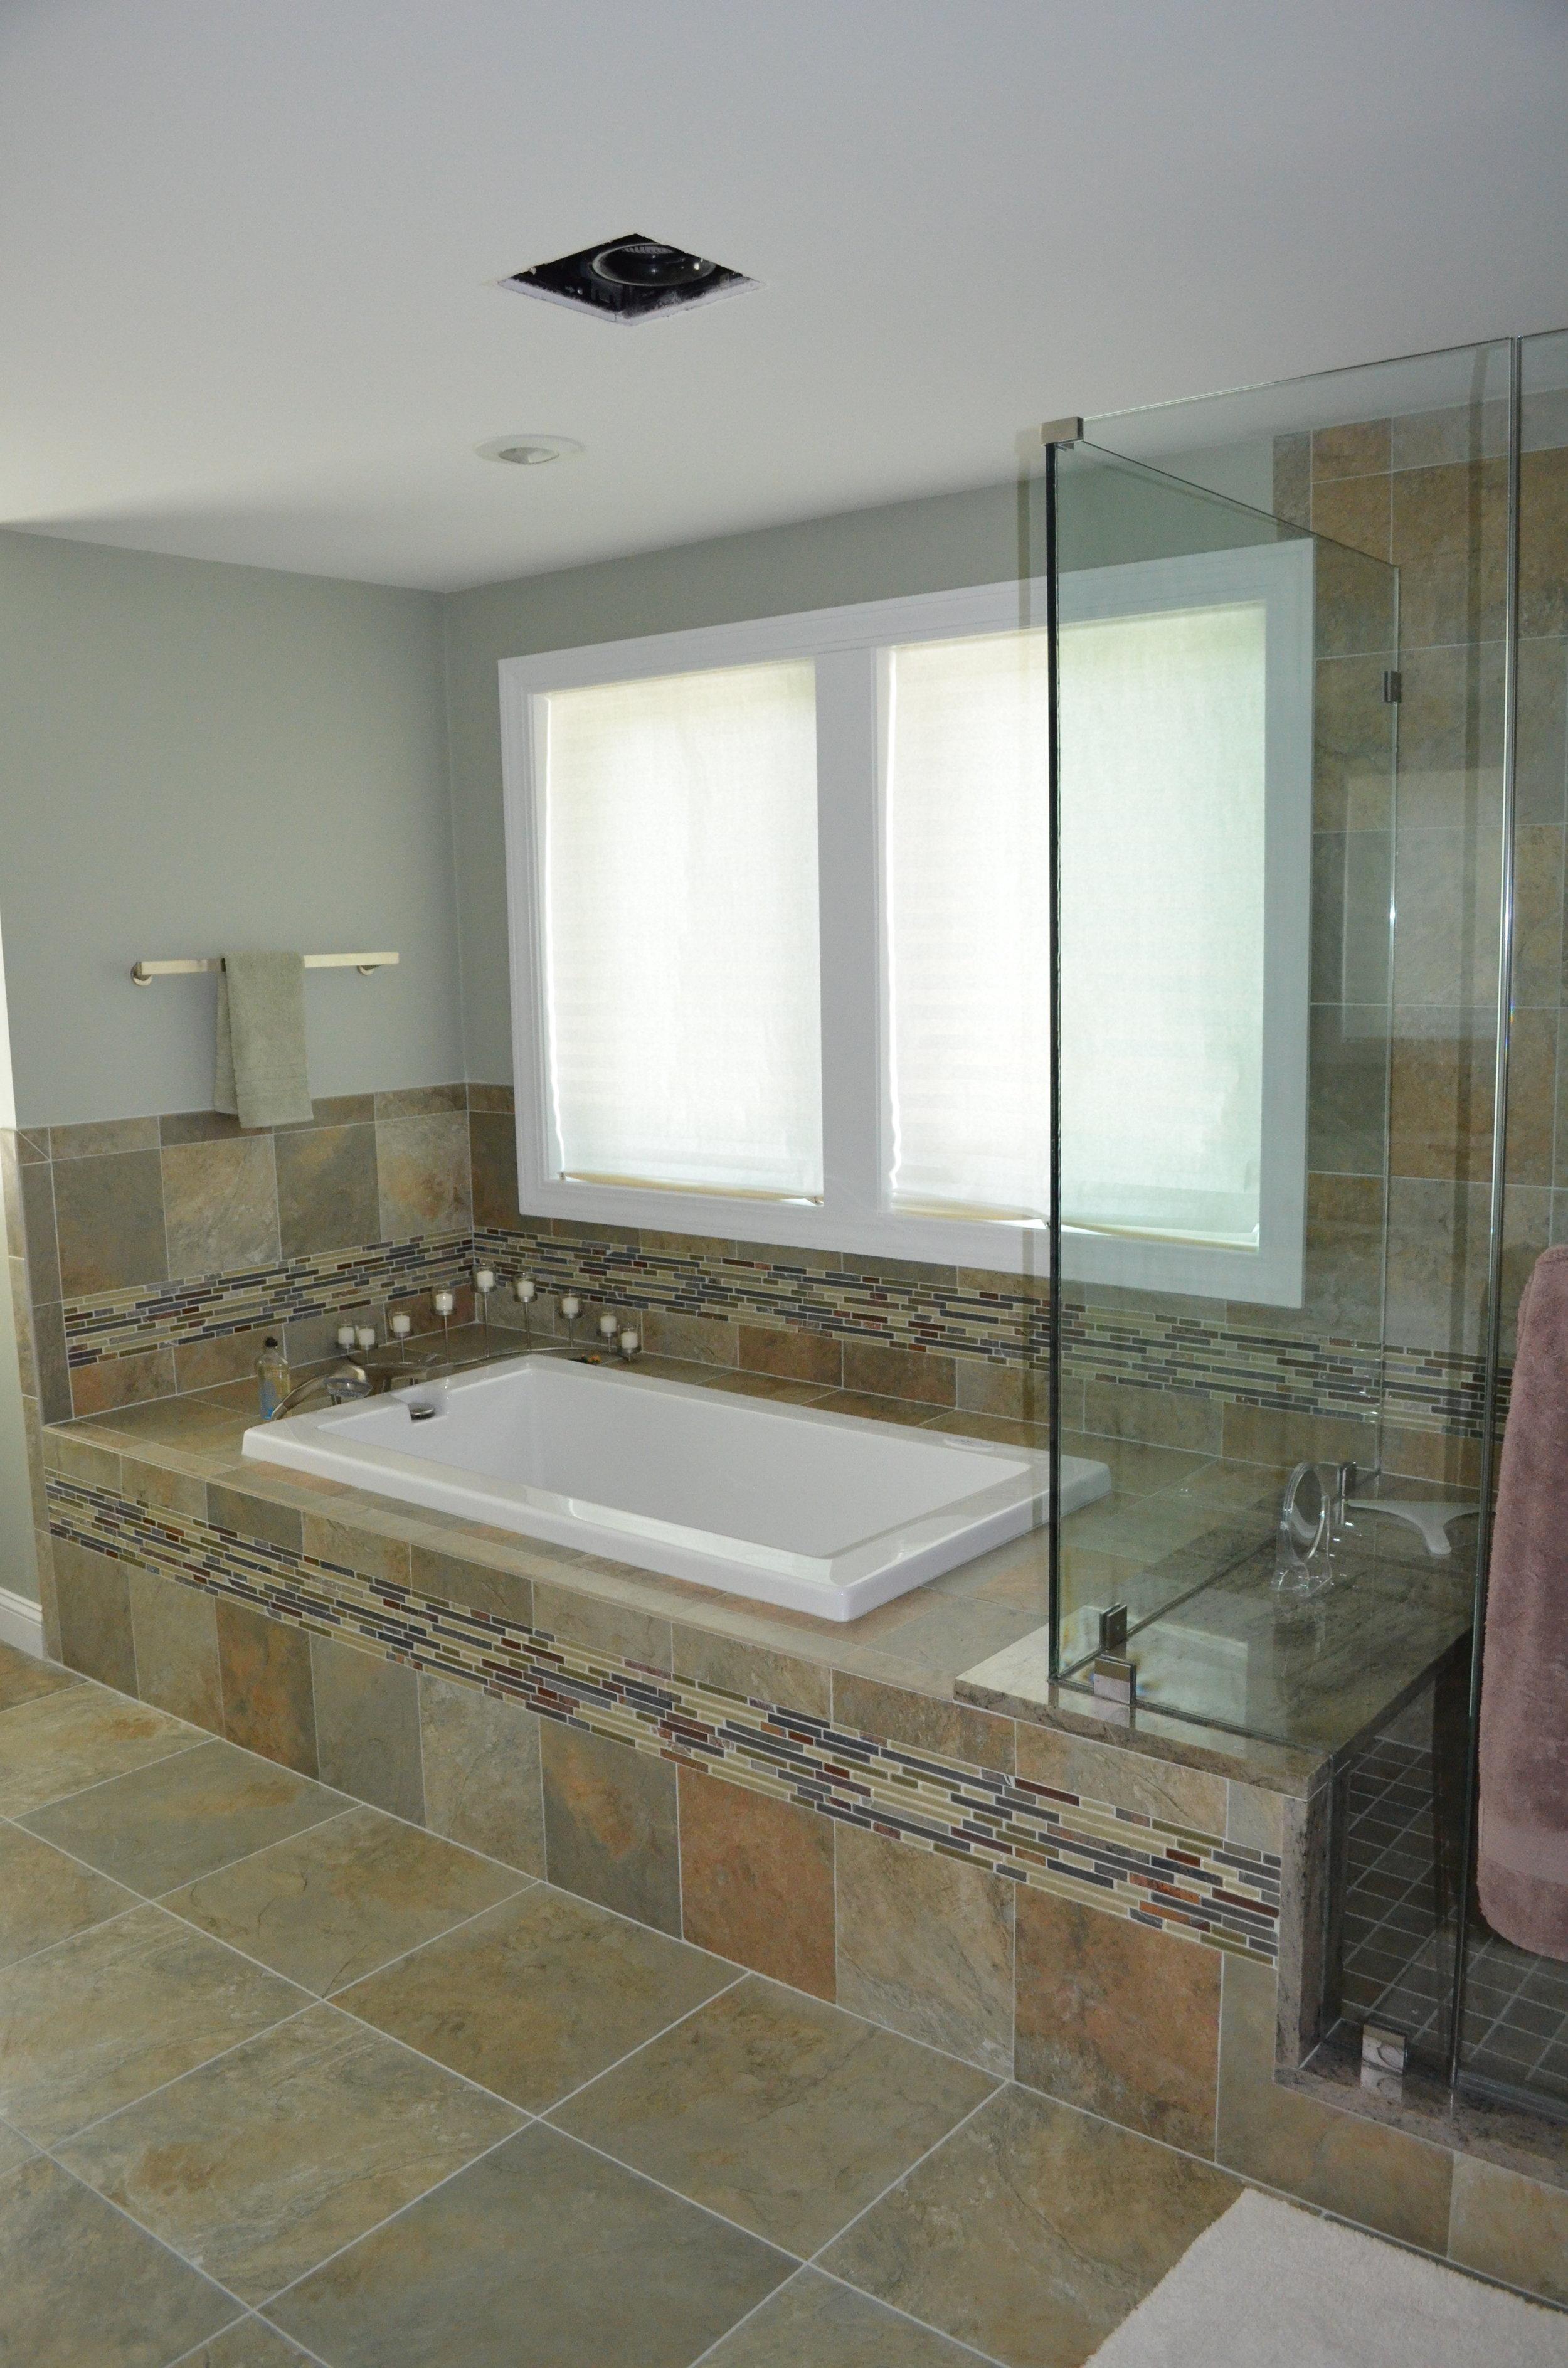 Home-Bathroom-Vertical#1.jpg